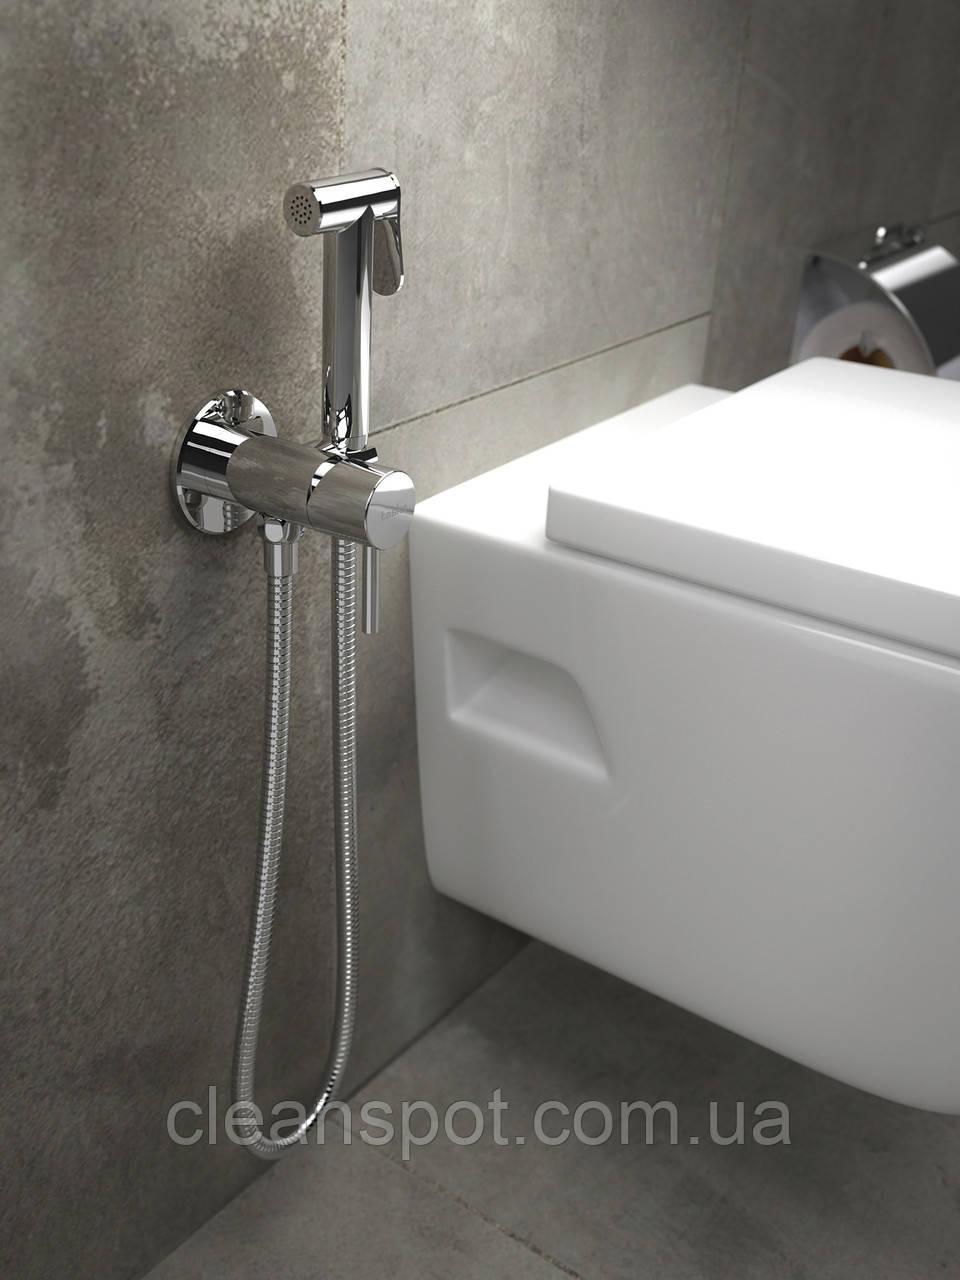 Купить Гигиенический душ скрытого монтажа ТК-200 TESKA